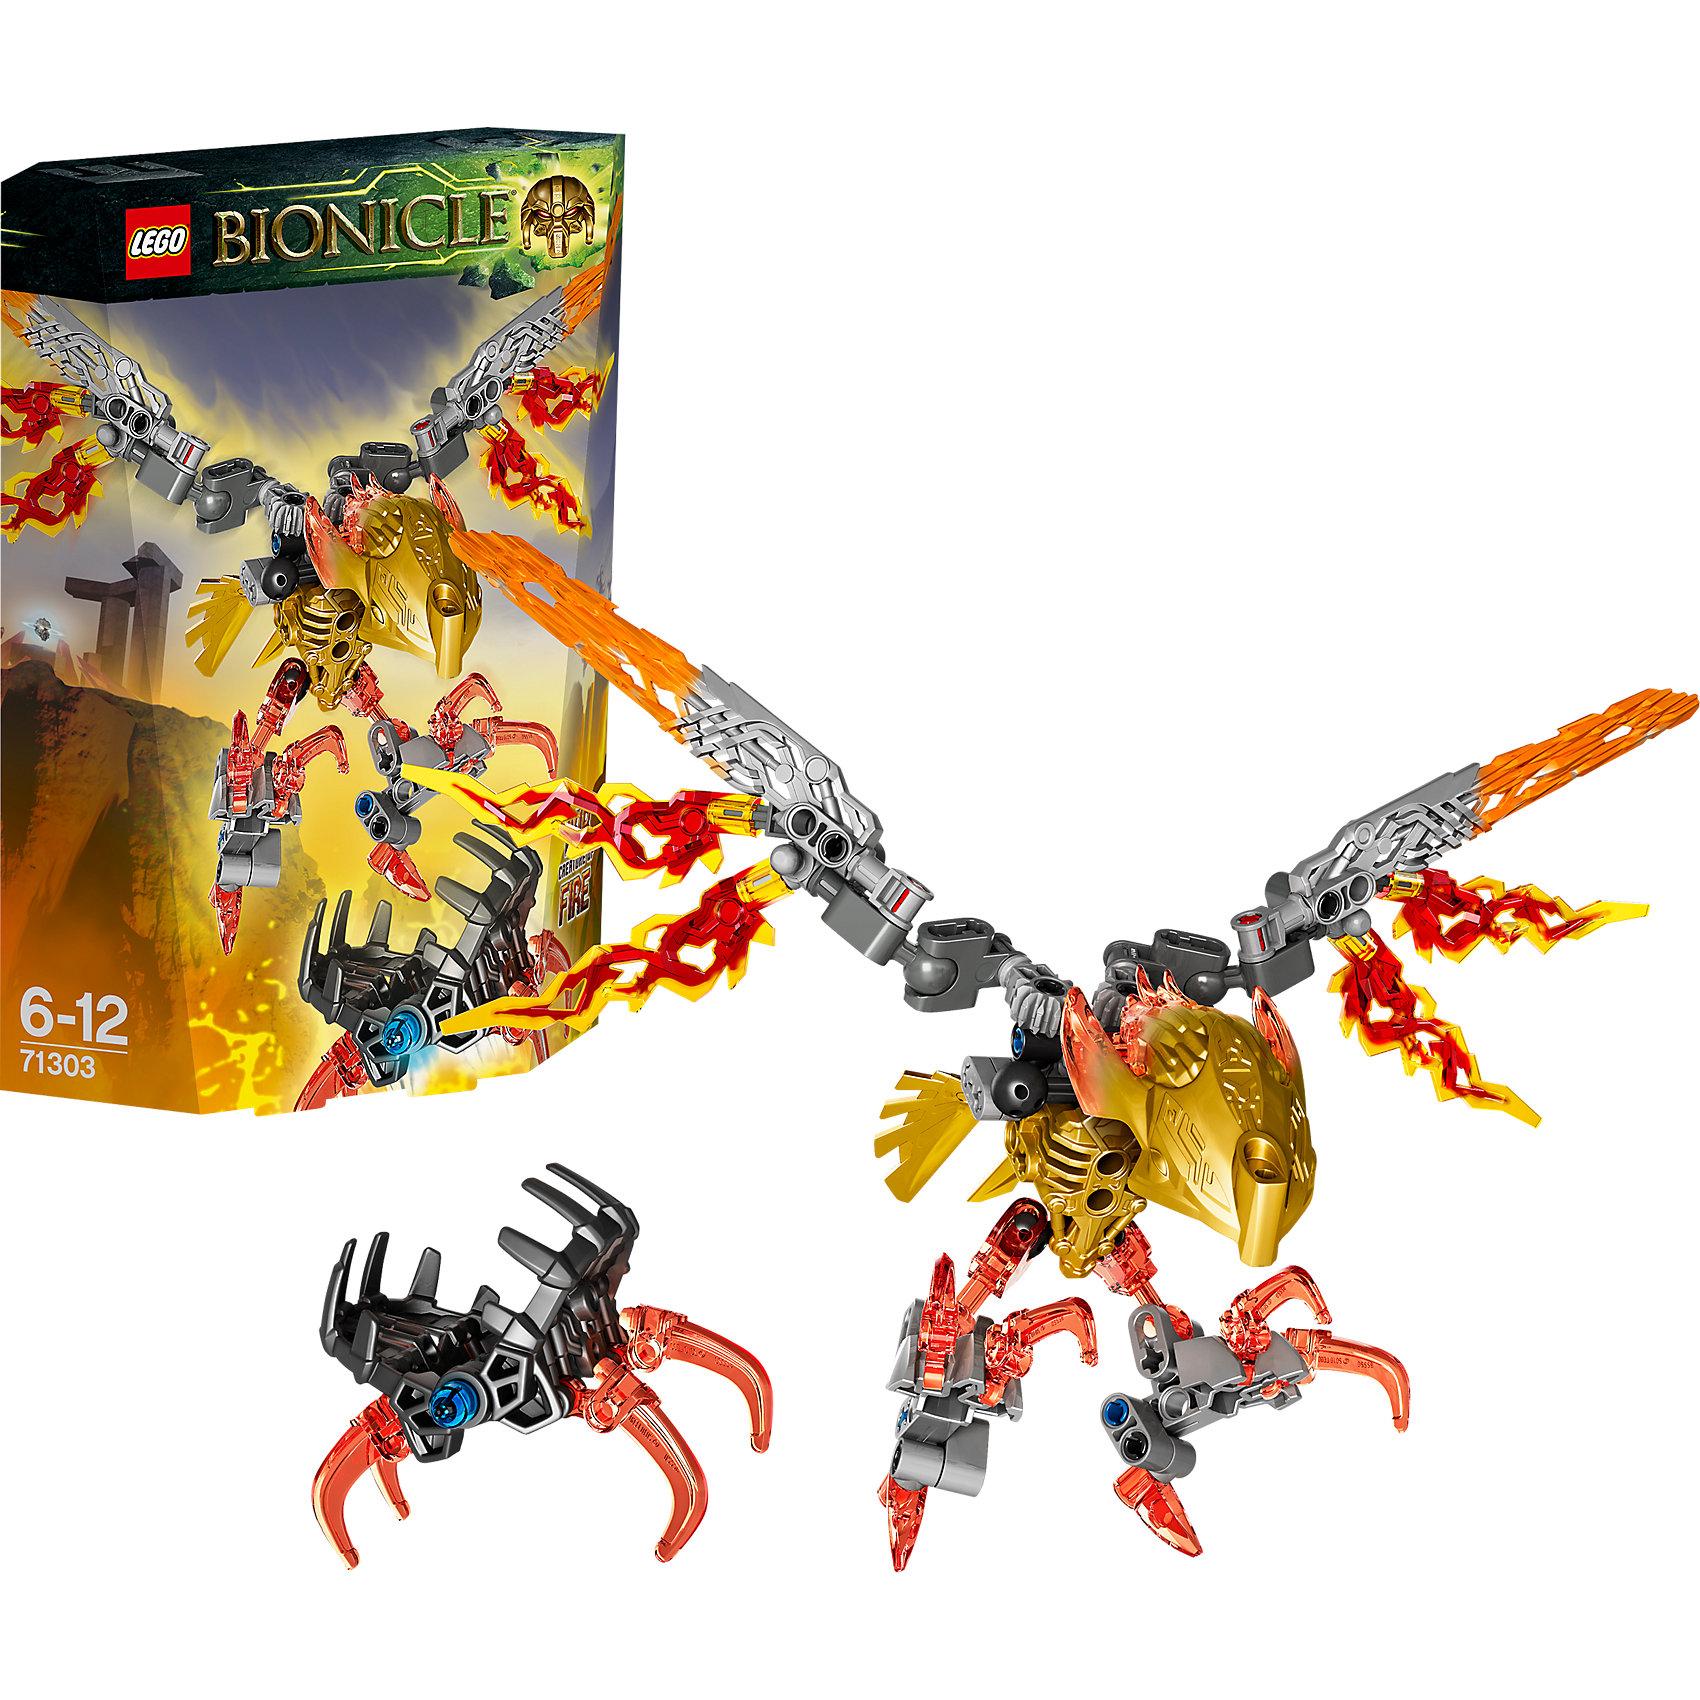 LEGO BIONICLE 71303: Икир, Тотемное животное ОгняНа острове Окото обстановка накаляется. Пикируй на мощных огненных кристальных крыльях, чтобы увернуться от капкана, выпущенного Умараком, охотником тьмы. Отрази своими смертоносными когтями яростную атаку. Сможет ли Тотемное животное спастись и приручат ли его героические Тоа, чтобы объединившись, стать непобедимыми?<br><br>LEGO Bionicle (Лего Биониклы) - это нереальный фантастический мир, со своими правилами, приключениями и традициями! Герои сражаются с мутантами Барраками, с многотысячной армией механических созданий Бороков, и самыми опасными и беспощадными убийцами Пираками. Отправляйся на встречу с приключениями и подвигами вместе с легендарными LEGO Bionicle!<br><br>Дополнительная информация:<br><br>- Конструкторы ЛЕГО развивают усидчивость, внимание, фантазию и мелкую моторику. <br>- Комплектация: Икир, Тотемное животное Огня. <br>- Количество деталей: 77.<br>- Серия LEGO Bionicle (Лего Биониклы).<br>- Материал: пластик.<br>- Размер упаковки: 19х5,2х14 см.<br>- Вес: 0.15 кг.<br><br>LEGO Bionicle 71303: Икир, Тотемное животное Огня можно купить в нашем магазине.<br><br>Ширина мм: 195<br>Глубина мм: 142<br>Высота мм: 55<br>Вес г: 145<br>Возраст от месяцев: 72<br>Возраст до месяцев: 144<br>Пол: Мужской<br>Возраст: Детский<br>SKU: 4259120